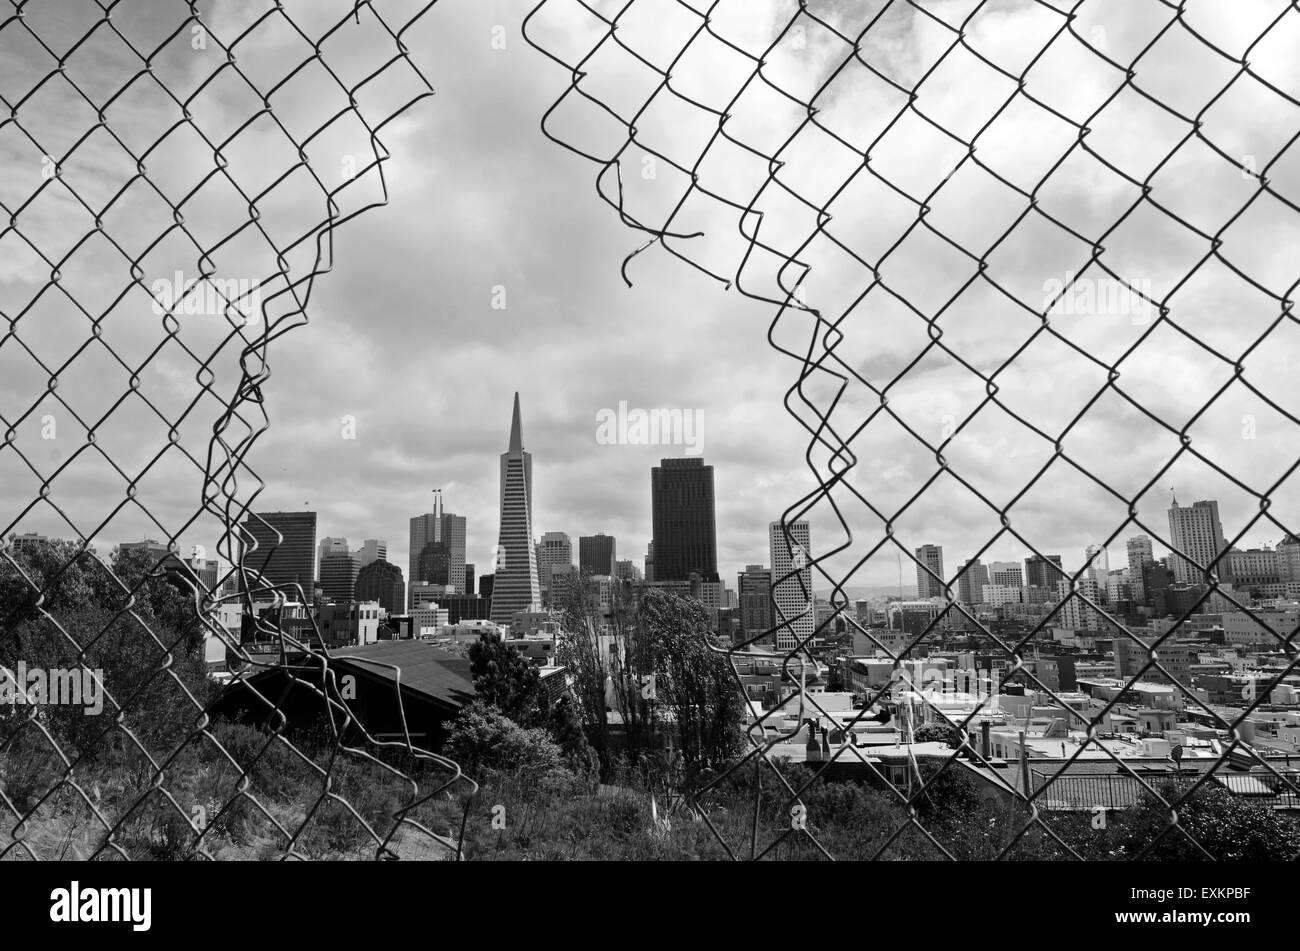 SAN FRANCISCO - 15 de mayo de 2015:San Francisco ciudad.A pesar de ser un país líder en el área de Imagen De Stock